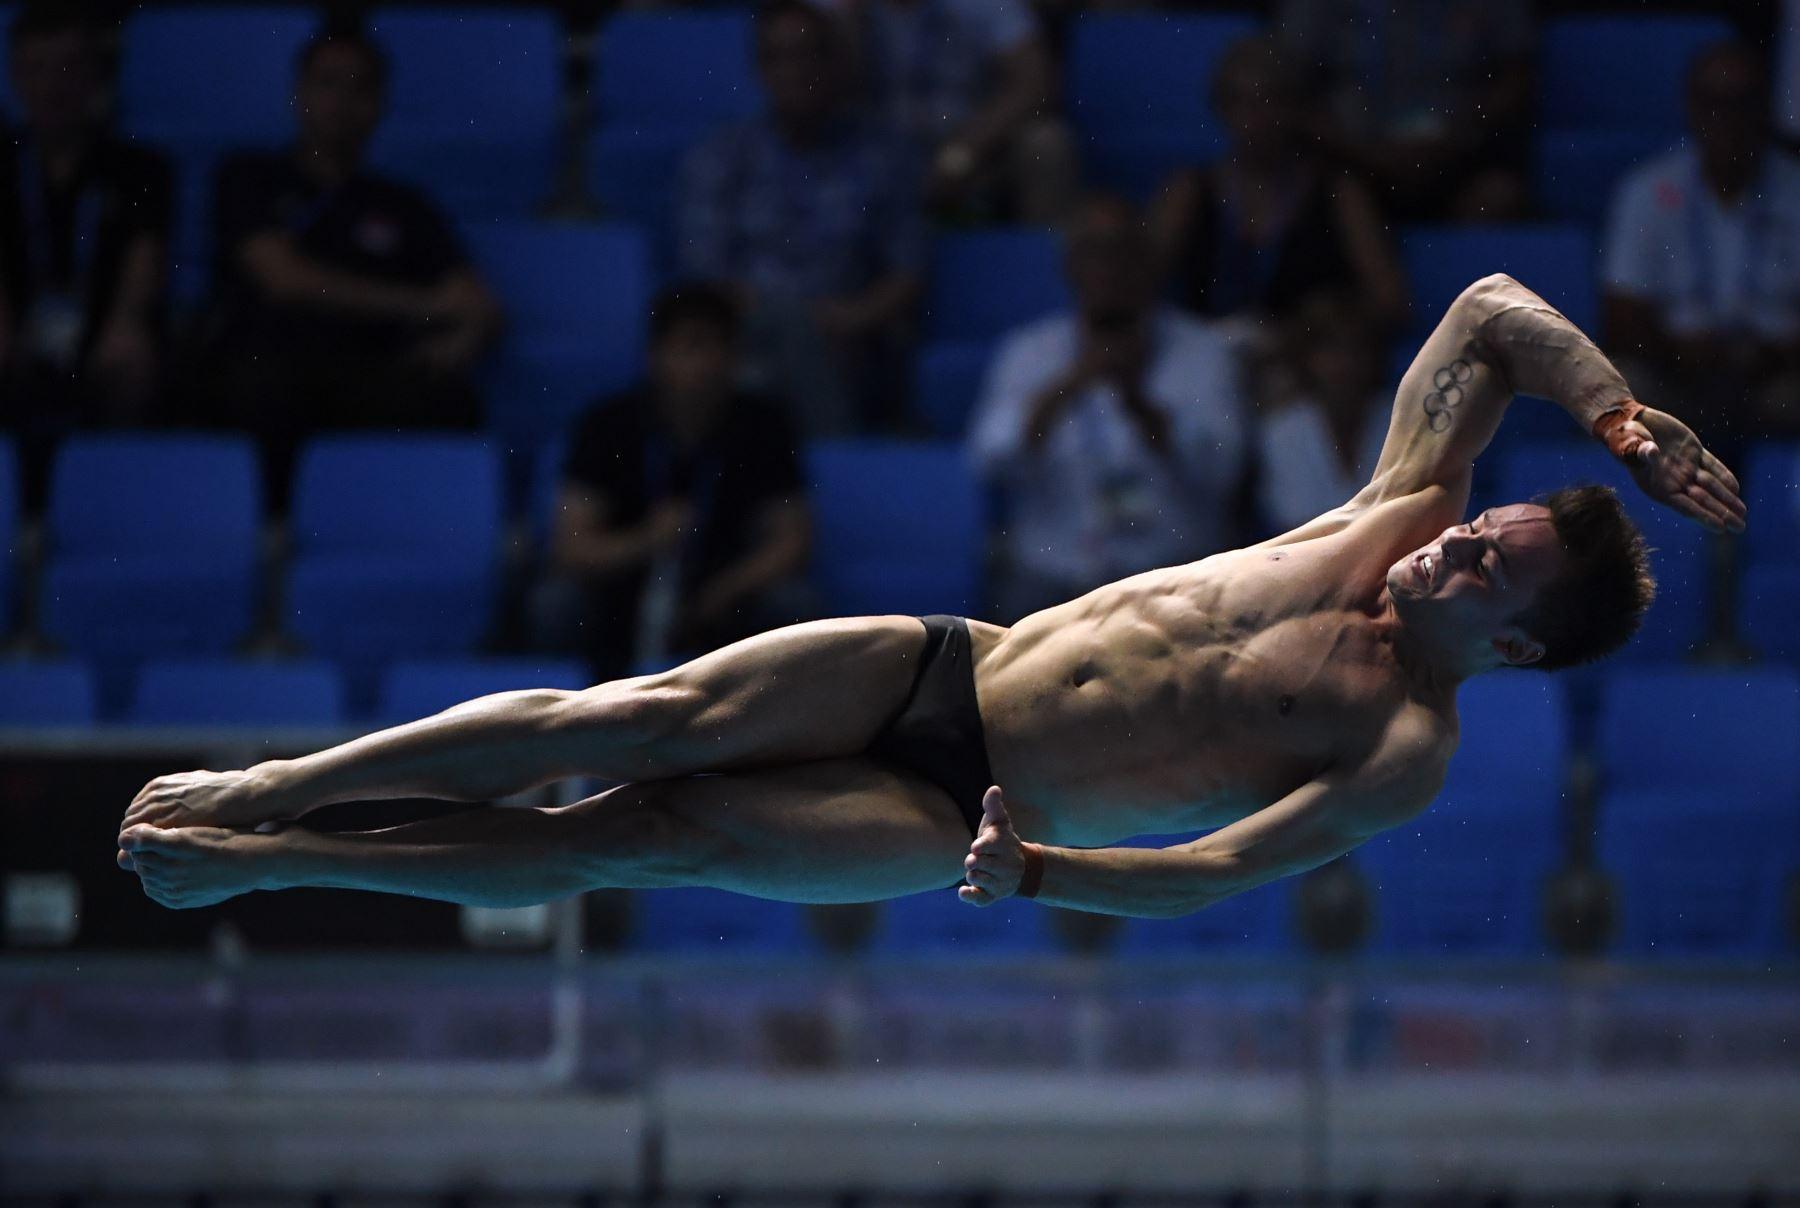 Thomas Daley de Gran Bretaña compite en la final de 10 m de plataforma de buceo para hombres durante los Campeonatos Mundiales de 2019 en el Nambu International Aquatics Center en Gwangju. AFP